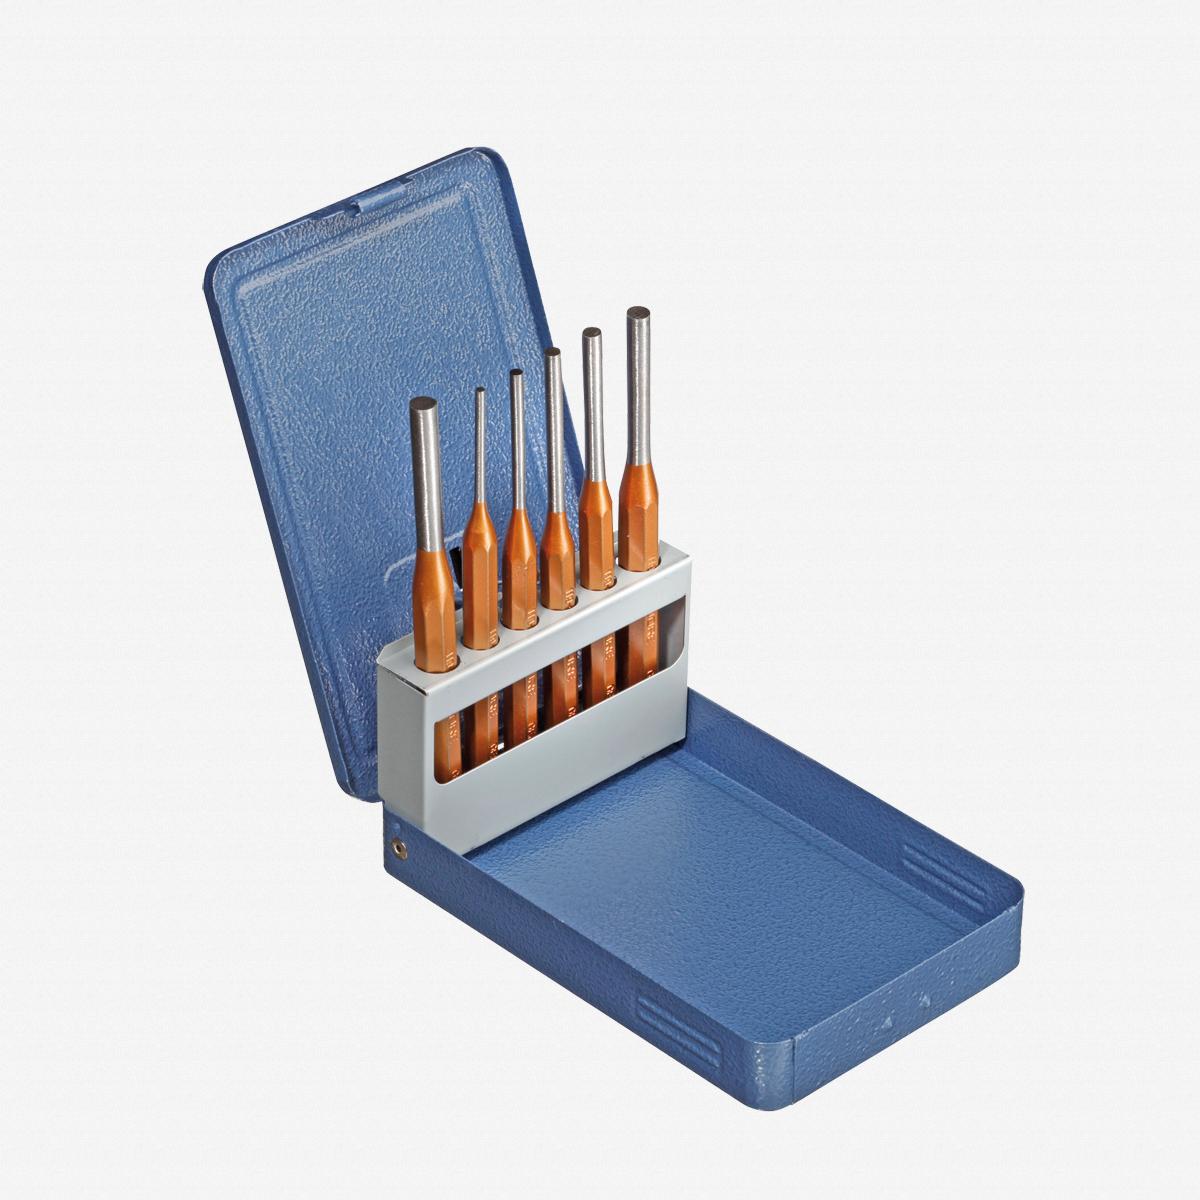 Gedore 116 D Pin punch set 6 pcs in metal case - KC Tool